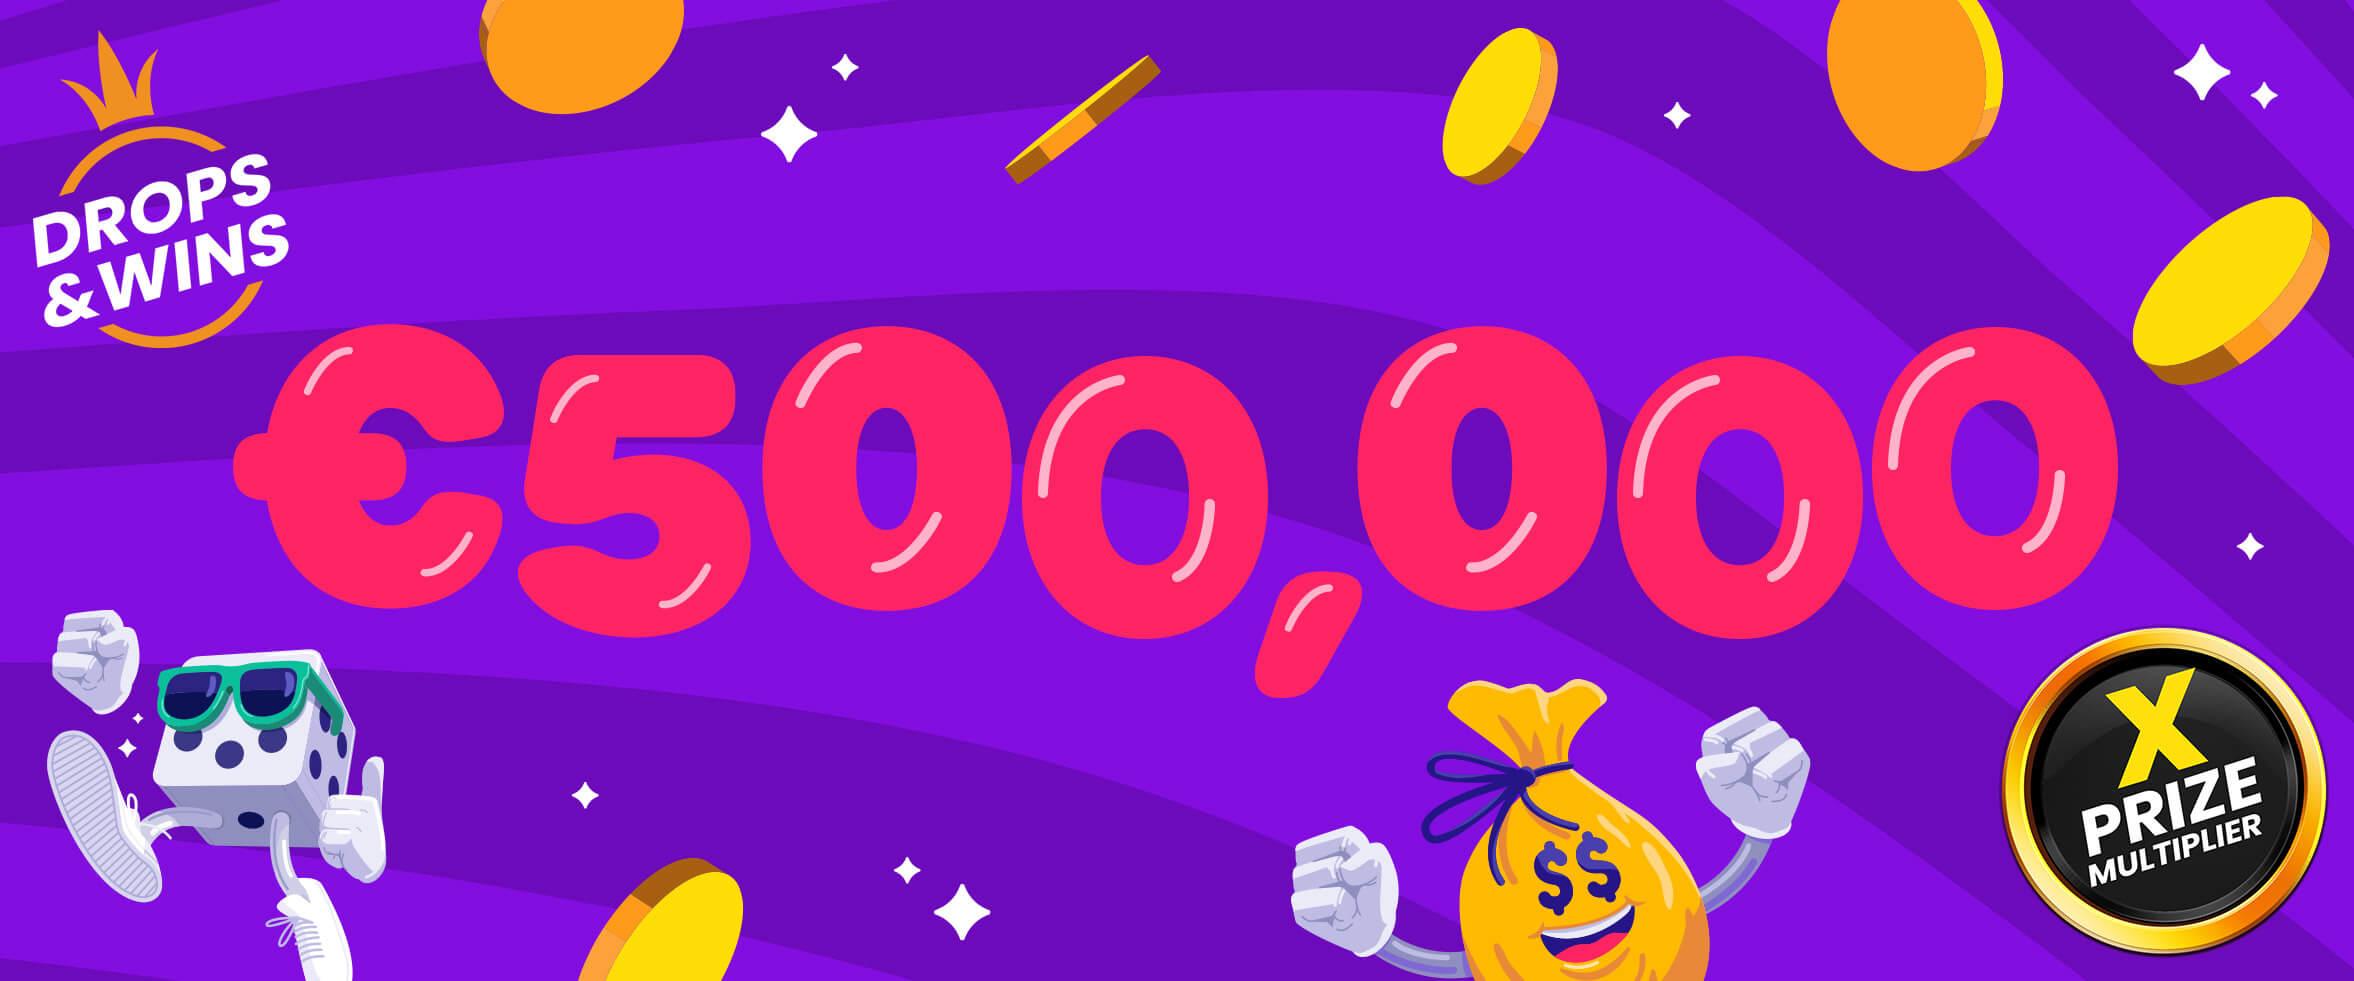 Pragmatic Play verdoppelt die monatlichen Drops & Wins Preise auf 500.000€